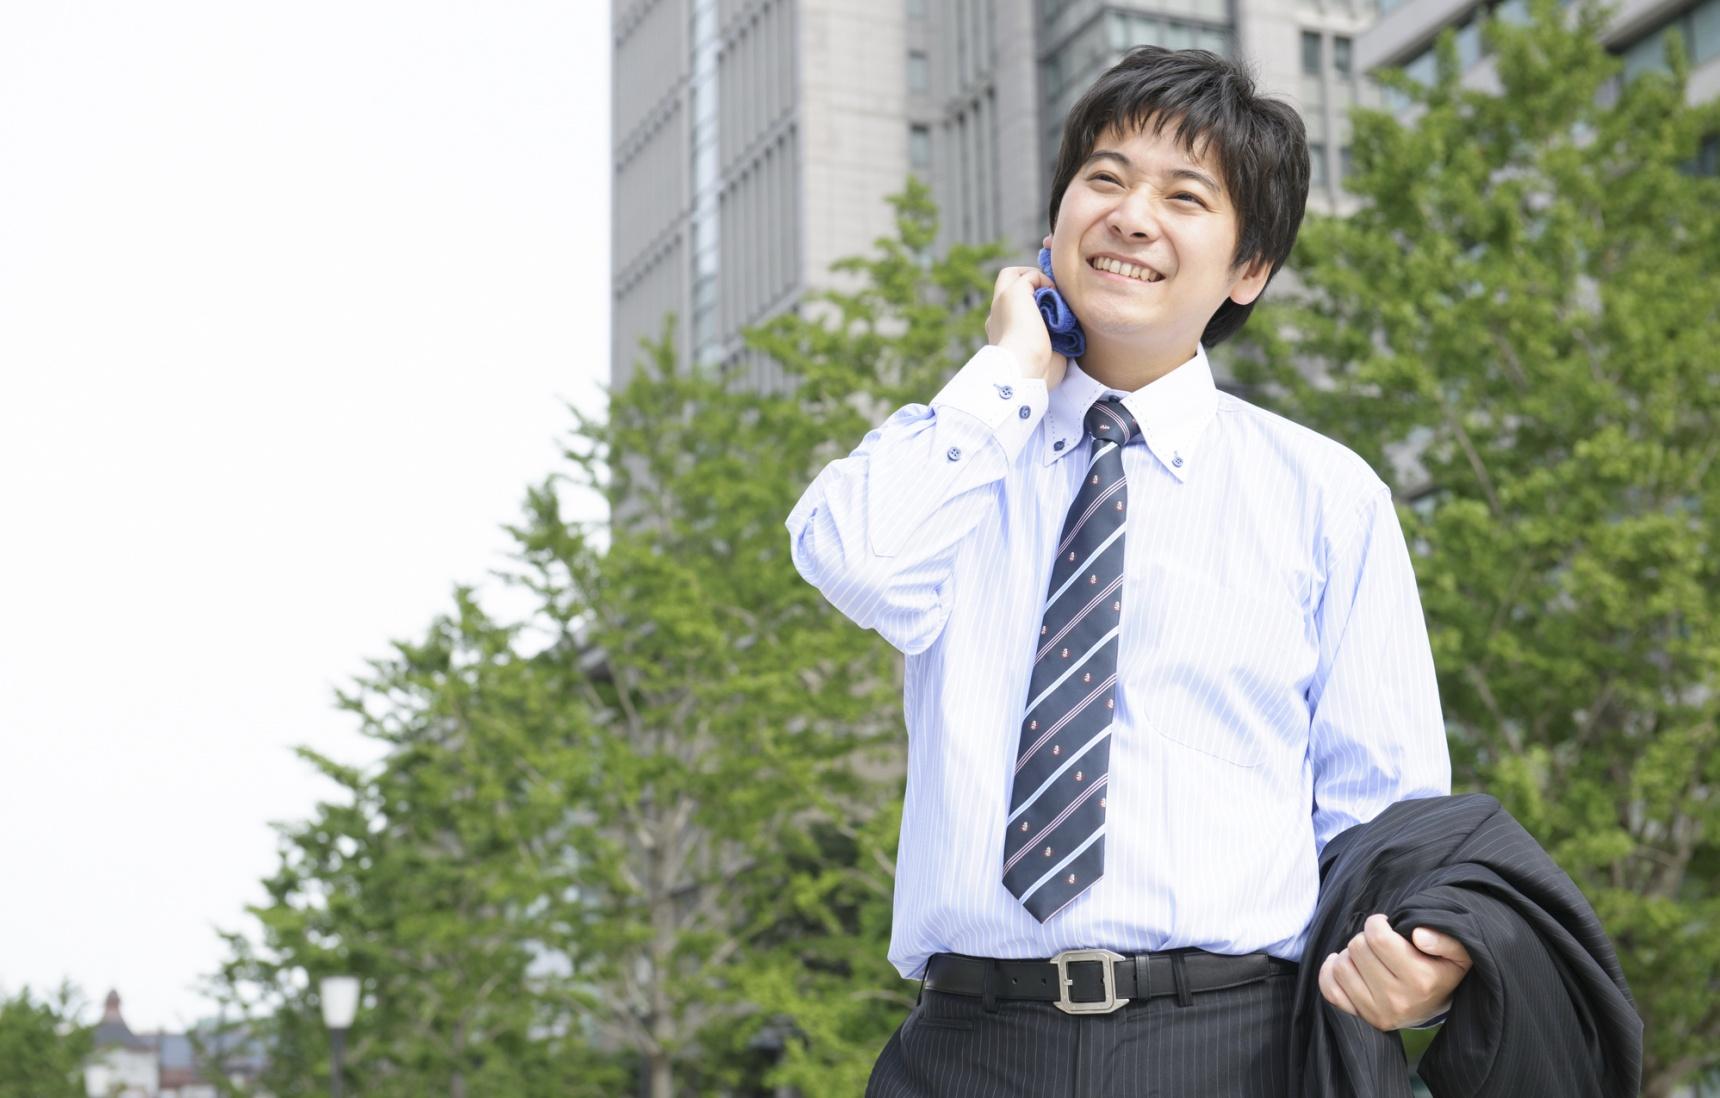 """为什么日本上班族在炎热夏季依然西装革履, 是不是西装里别有""""洞天""""?!"""